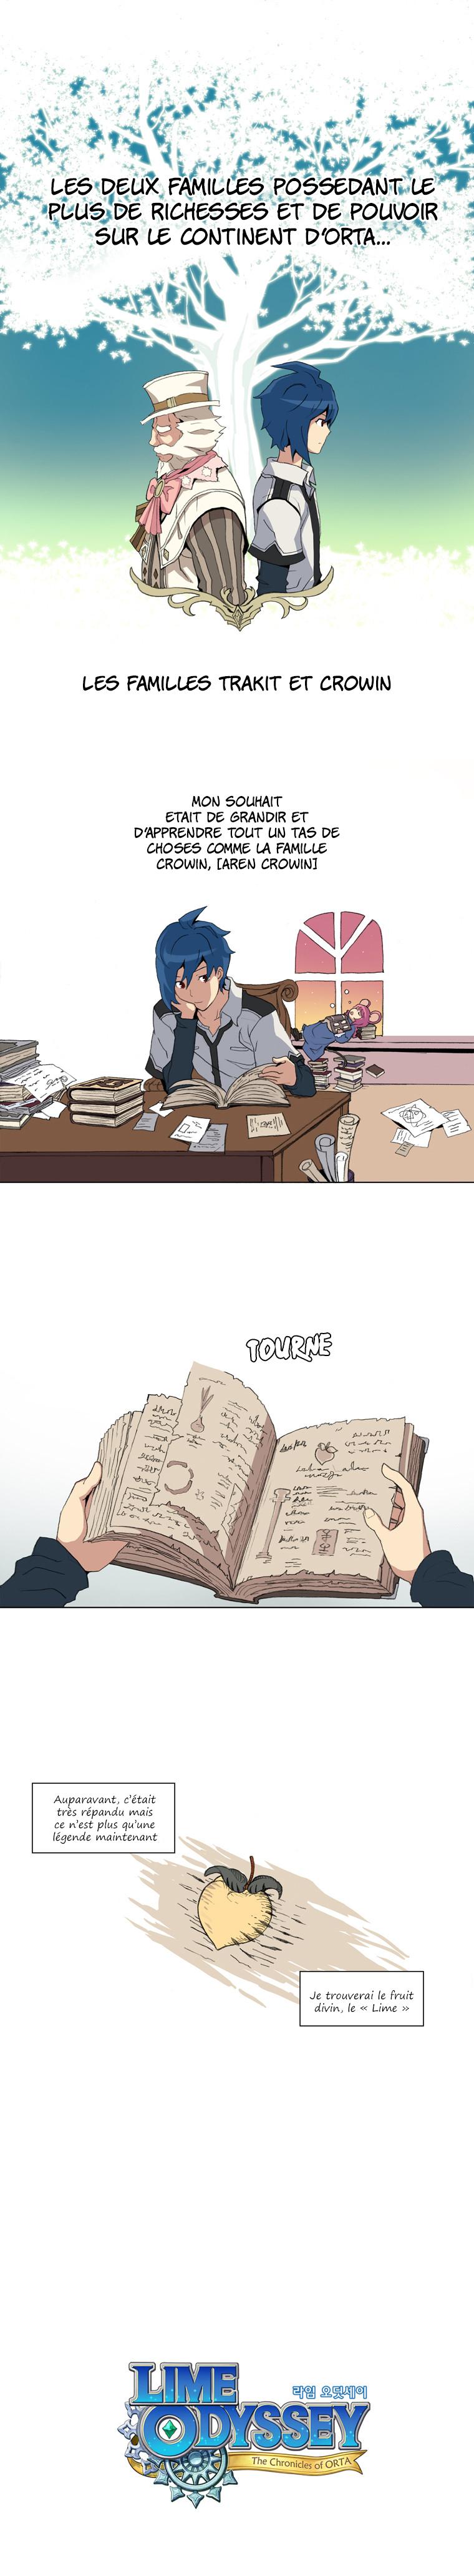 https://nine.mangadogs.com/fr_manga/pic1/5/2053/74638/LimeOdyssey4VF_0_432.jpg Page 1